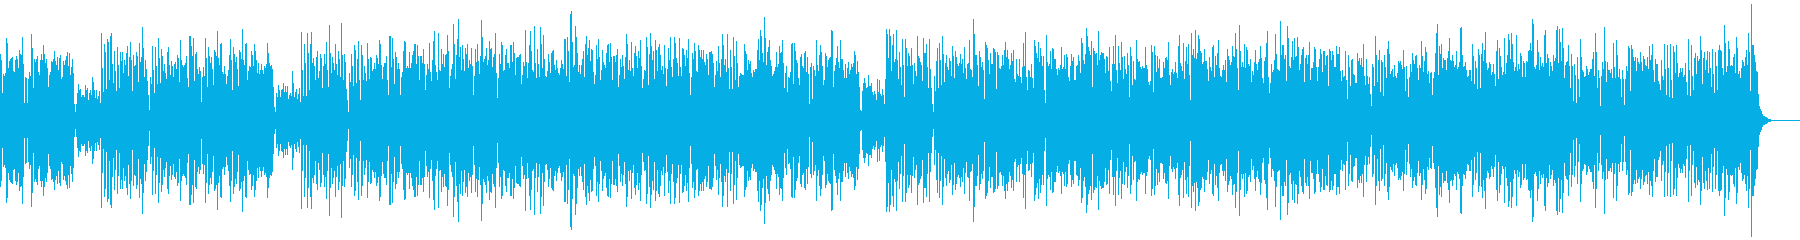 メイプル・リーフ・ラグ【ピアノ名曲】の再生済みの波形